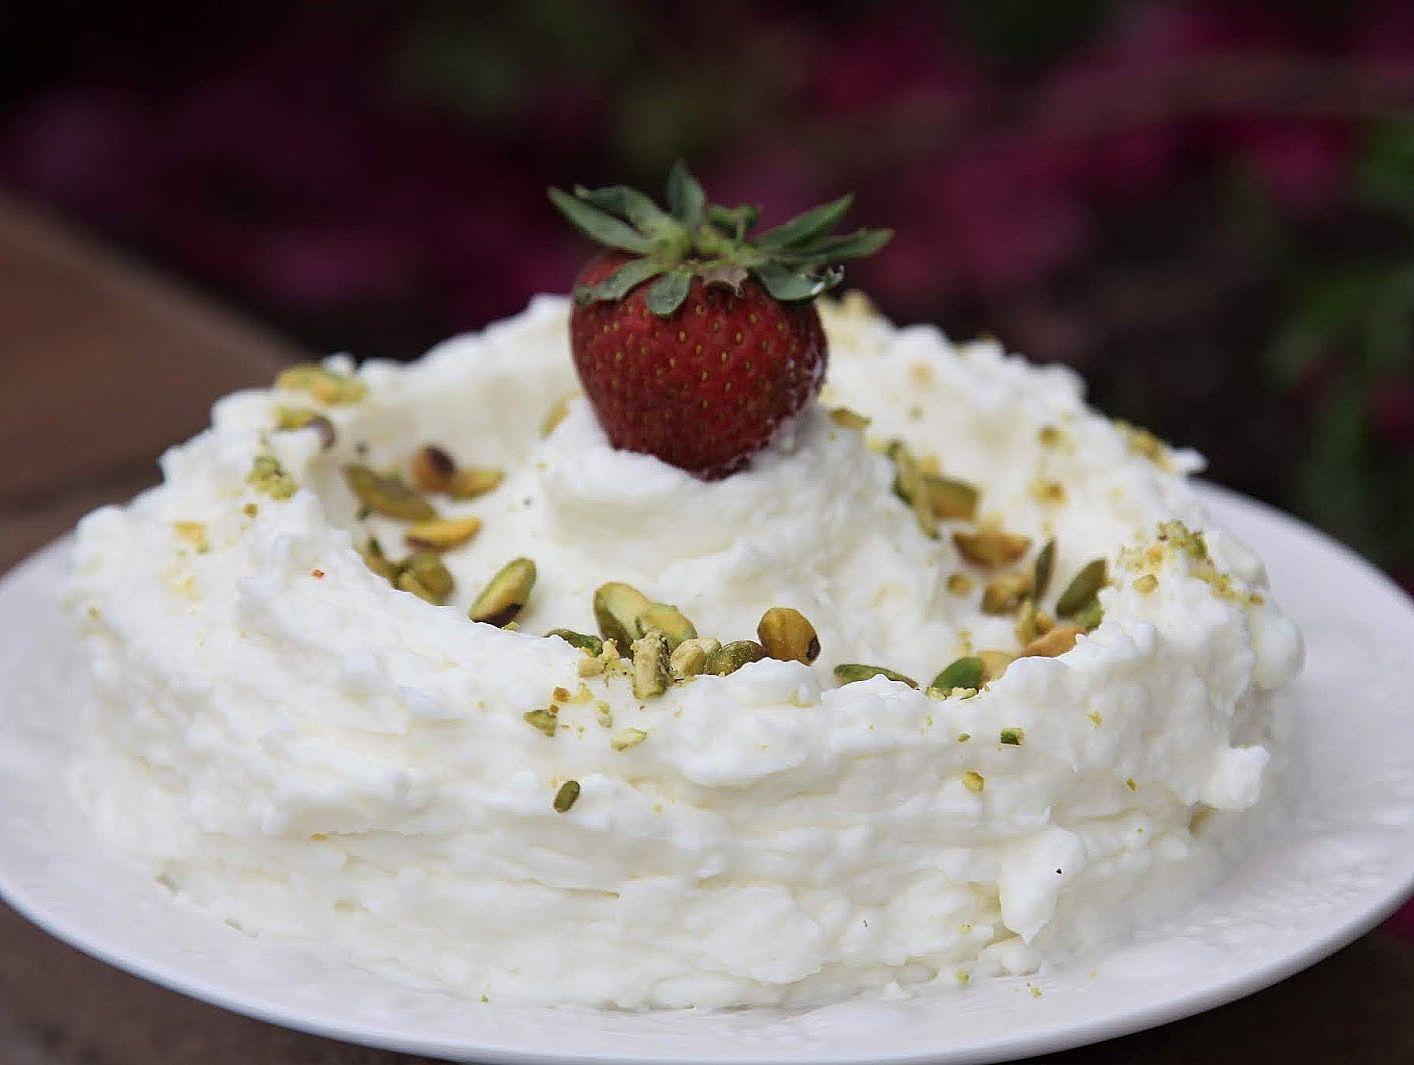 Kashta recipeقشطة Desserts Lebanese desserts Dessert recipes